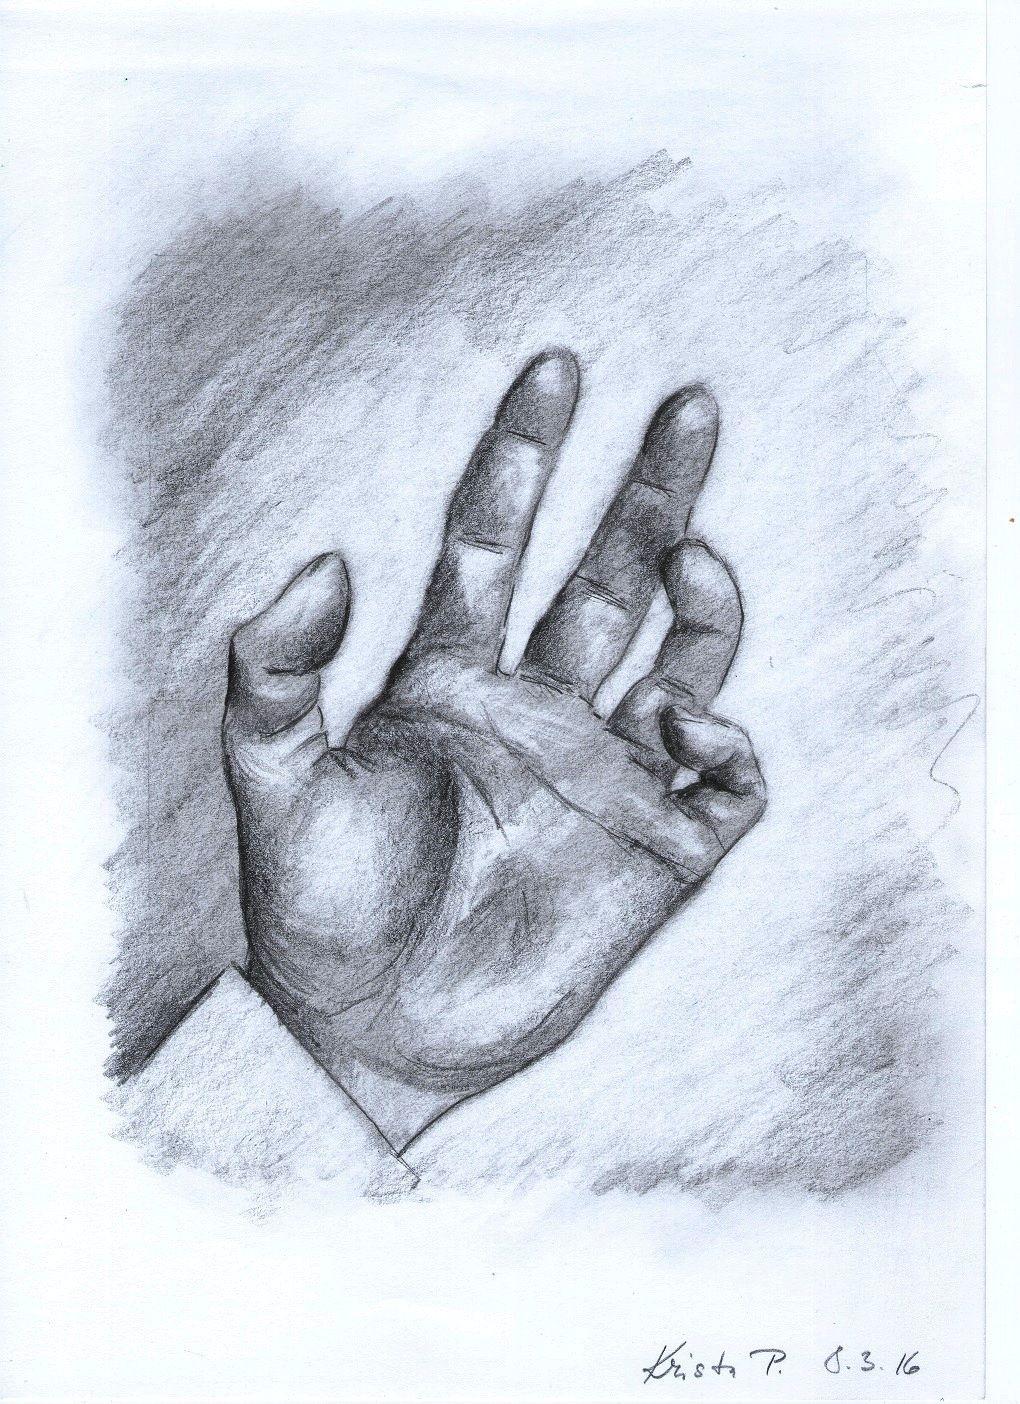 Hand, pencil, artist Kristýna Pavluvčíková.